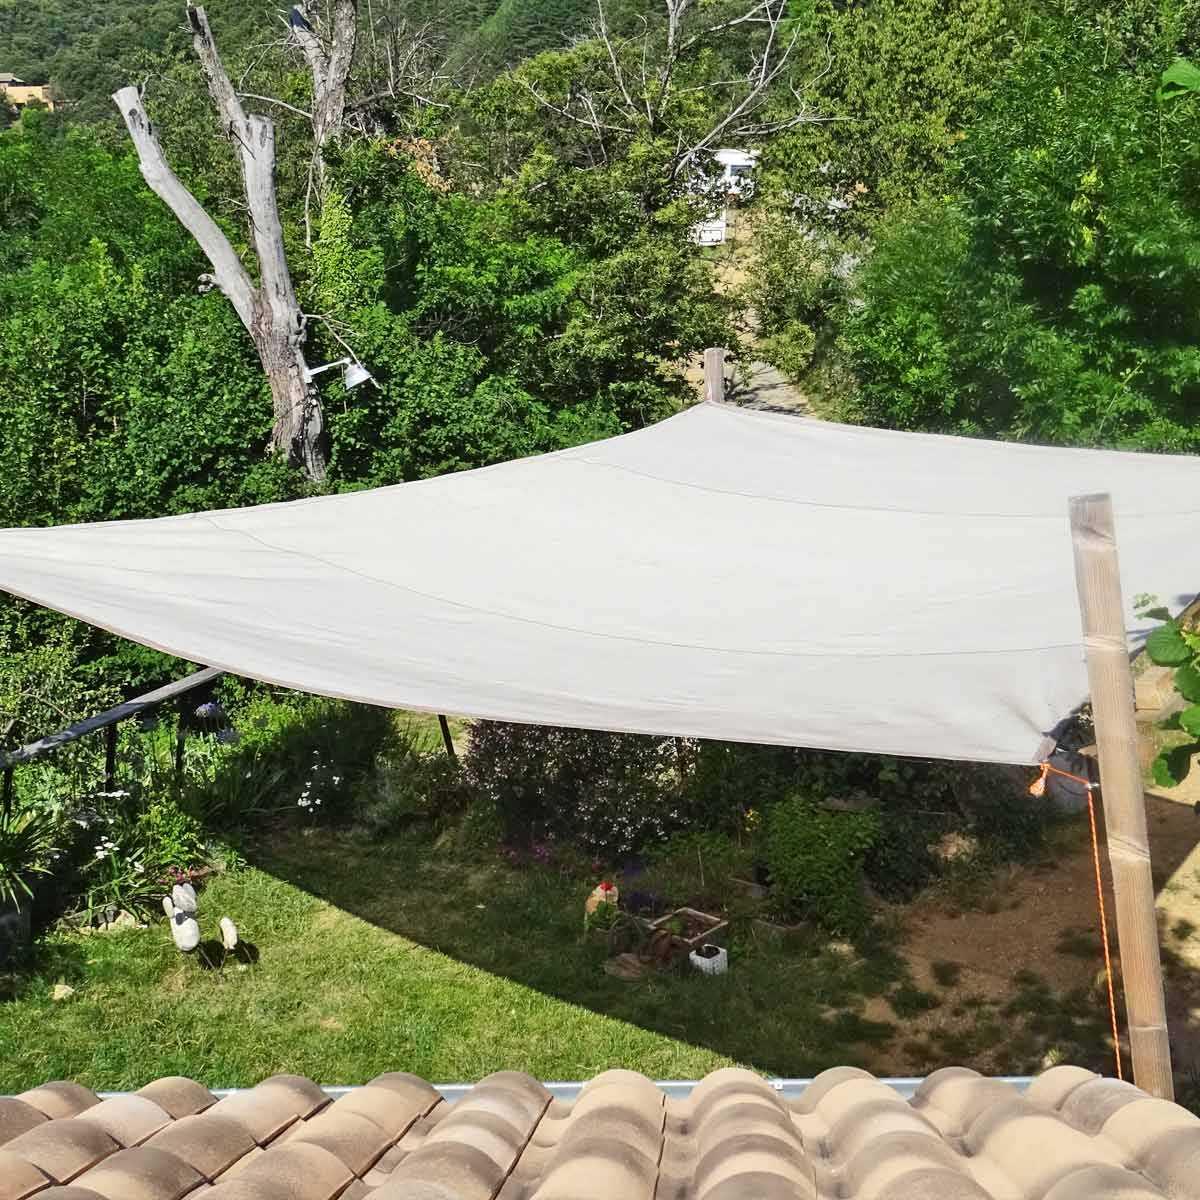 Voile D Ombrage Veranda voile d'ombrage - filet de protection plantations et terrasse